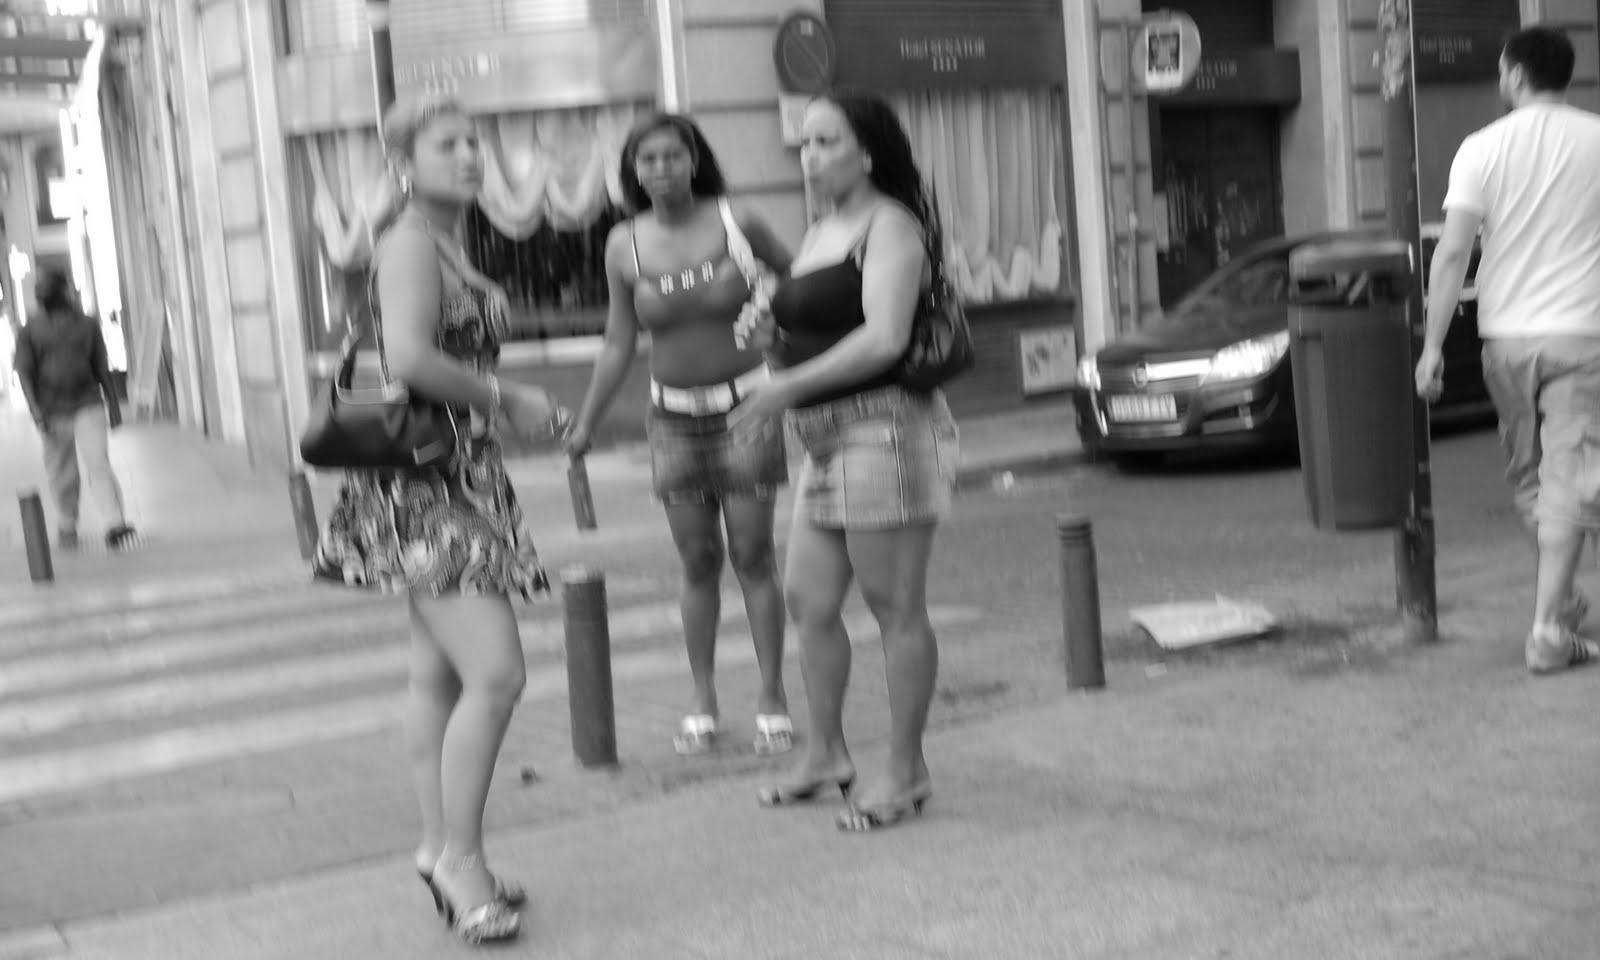 prostitutas de la montera mujeres prostitutas